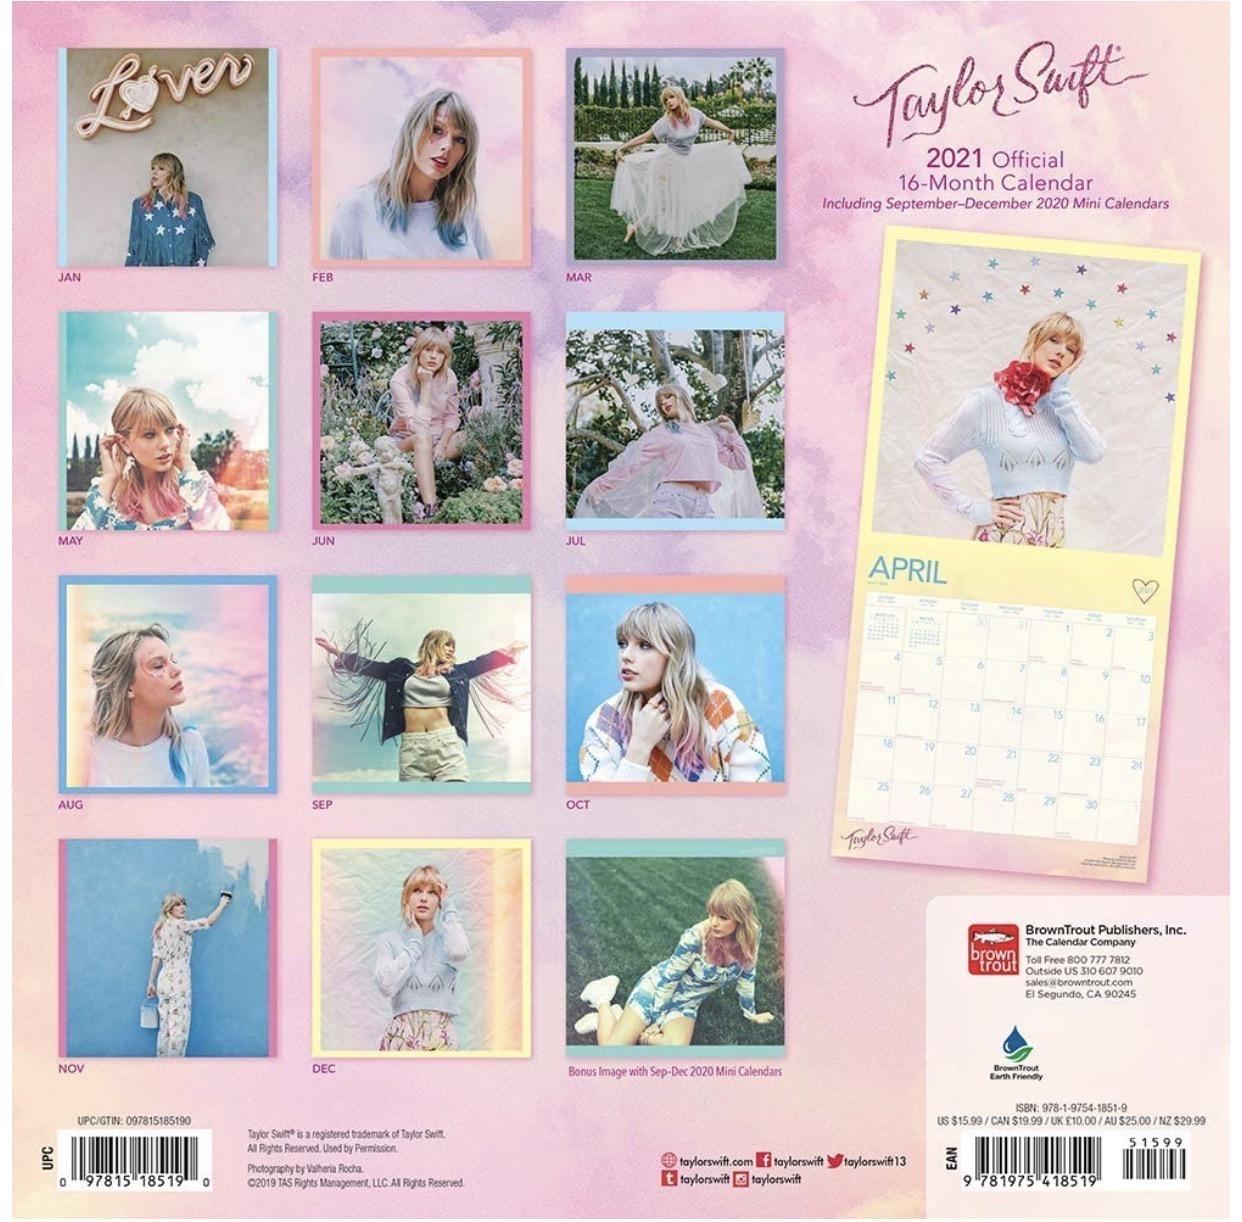 Take 2021 September Calendar Hello Kitty Inspired